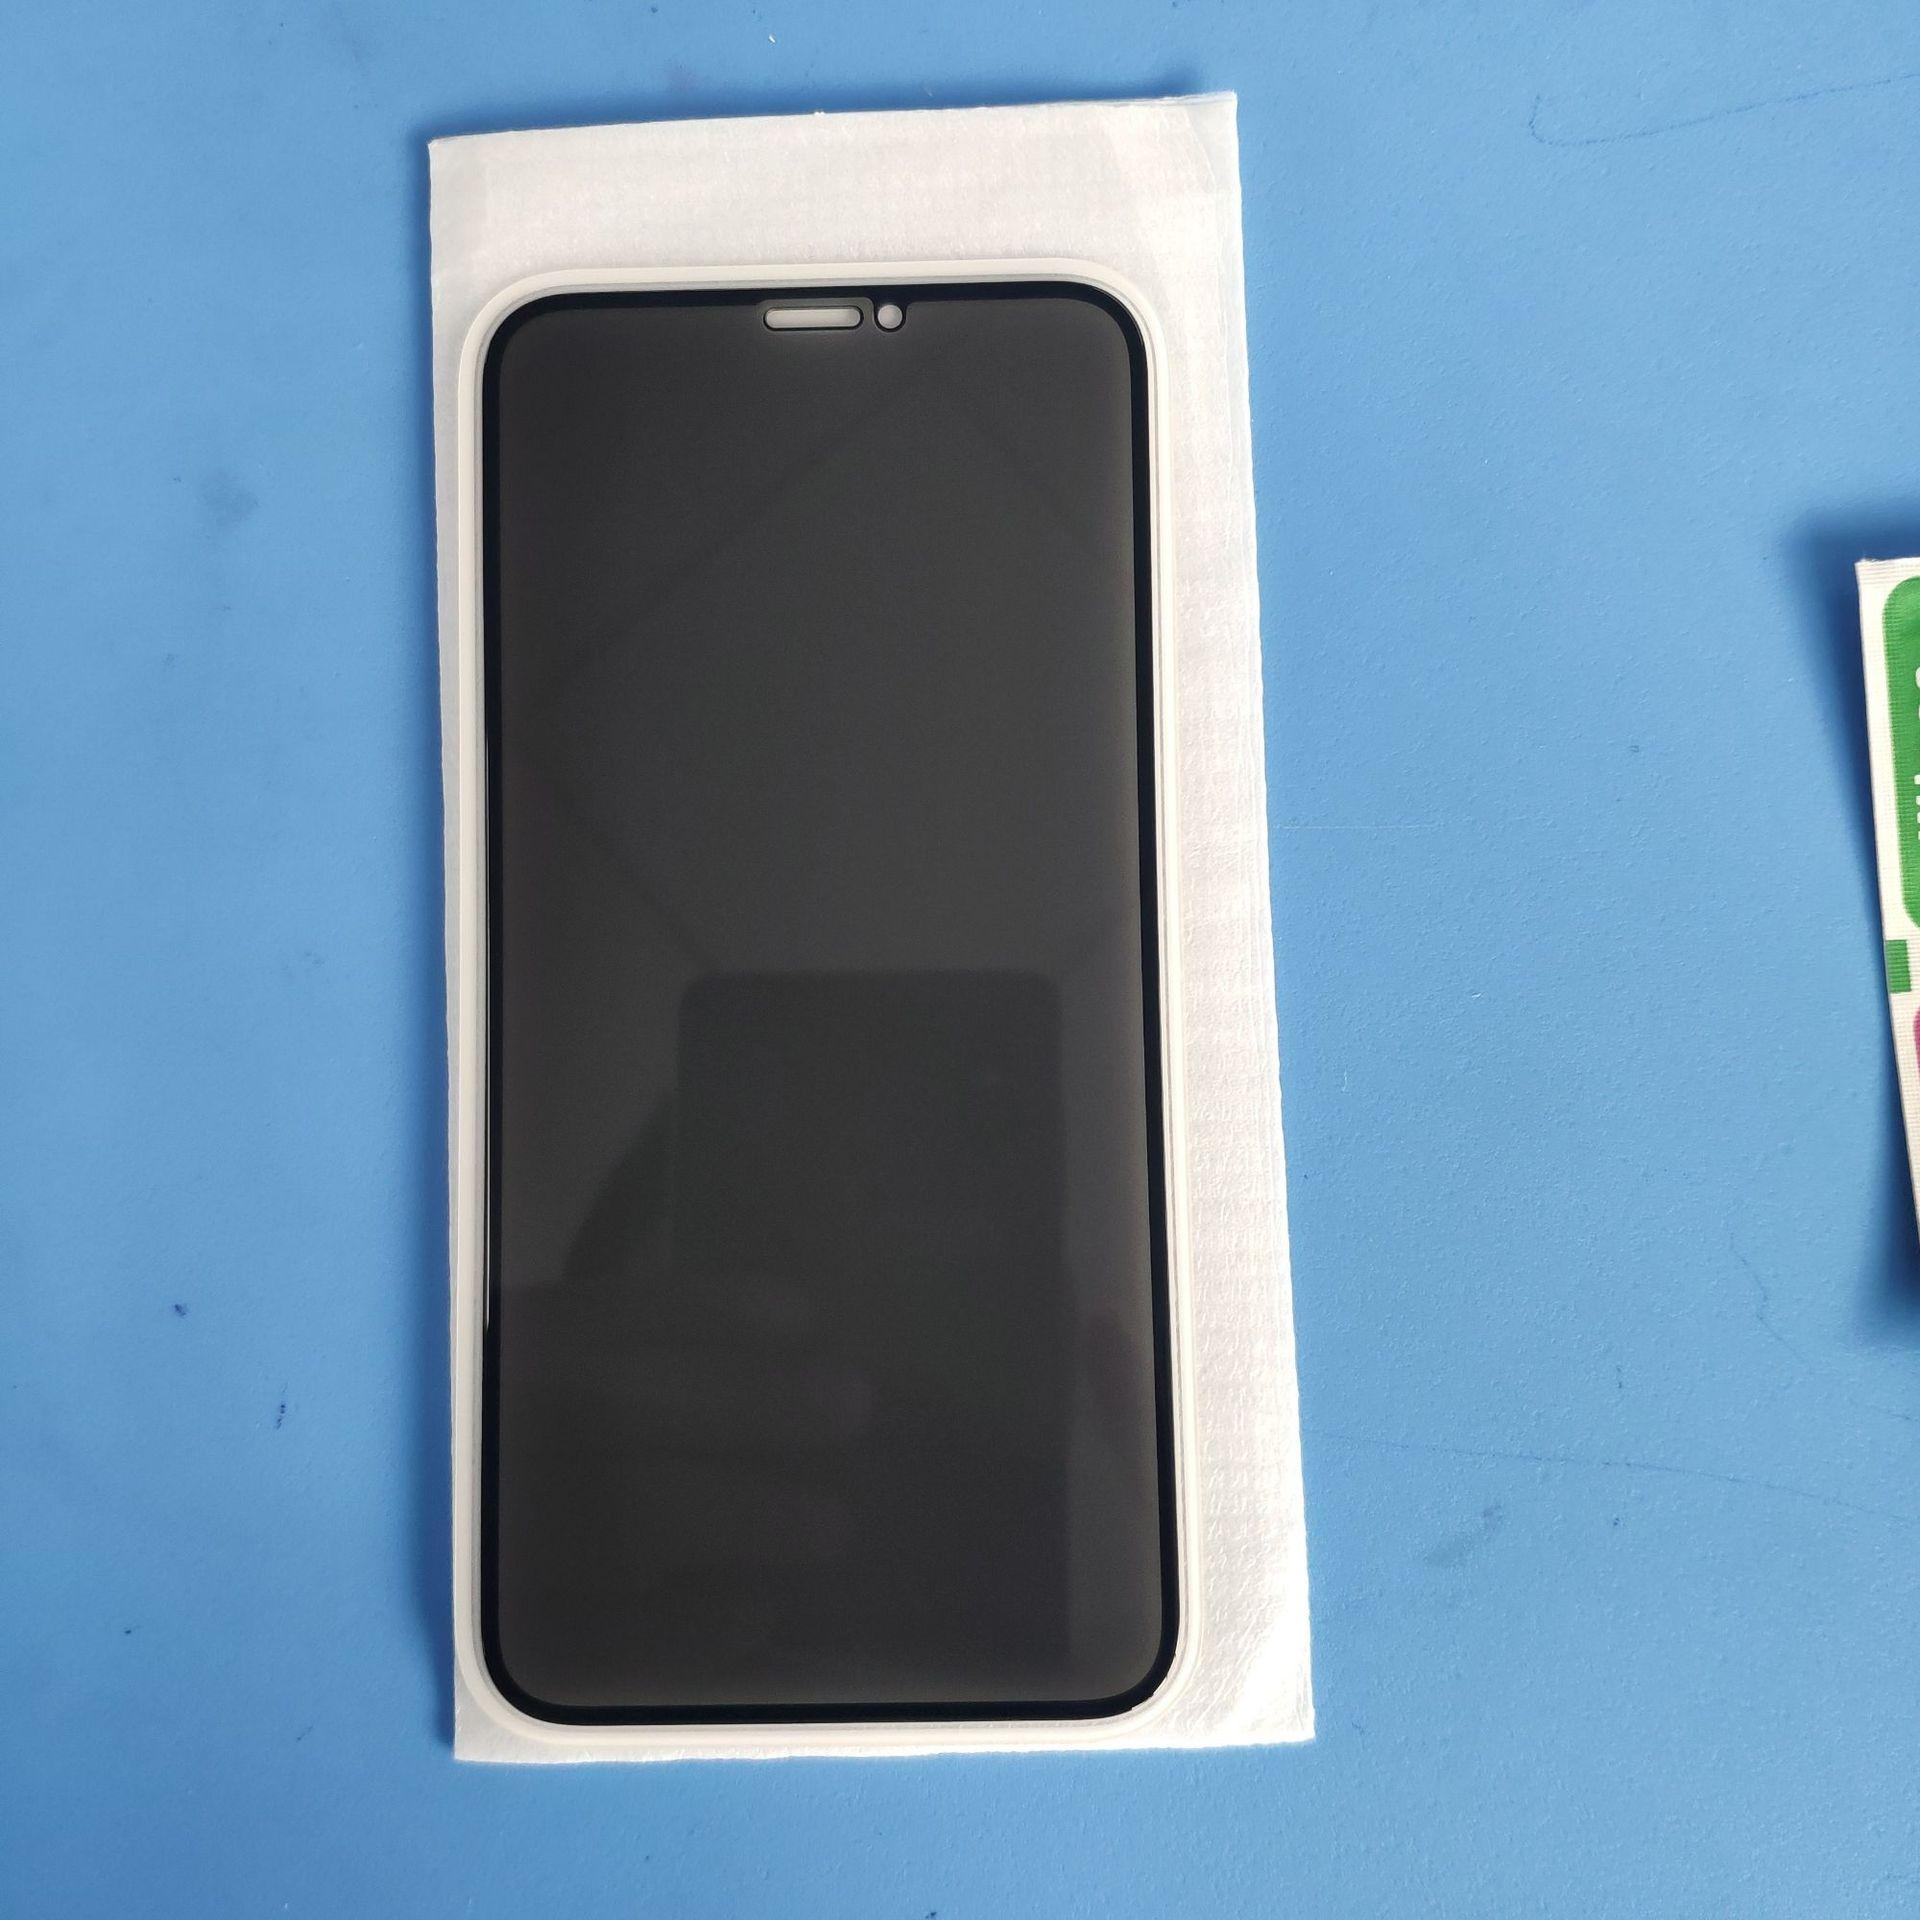 لIphone12 11 الموالية س XR XS ماكس 8 7 6 بالإضافة إلى خصوصية الشاشة الزجاج المقسى شاشة LCD حامي المضادة للتجسس فيلم الحرس غطاء درع التغطية الكاملة